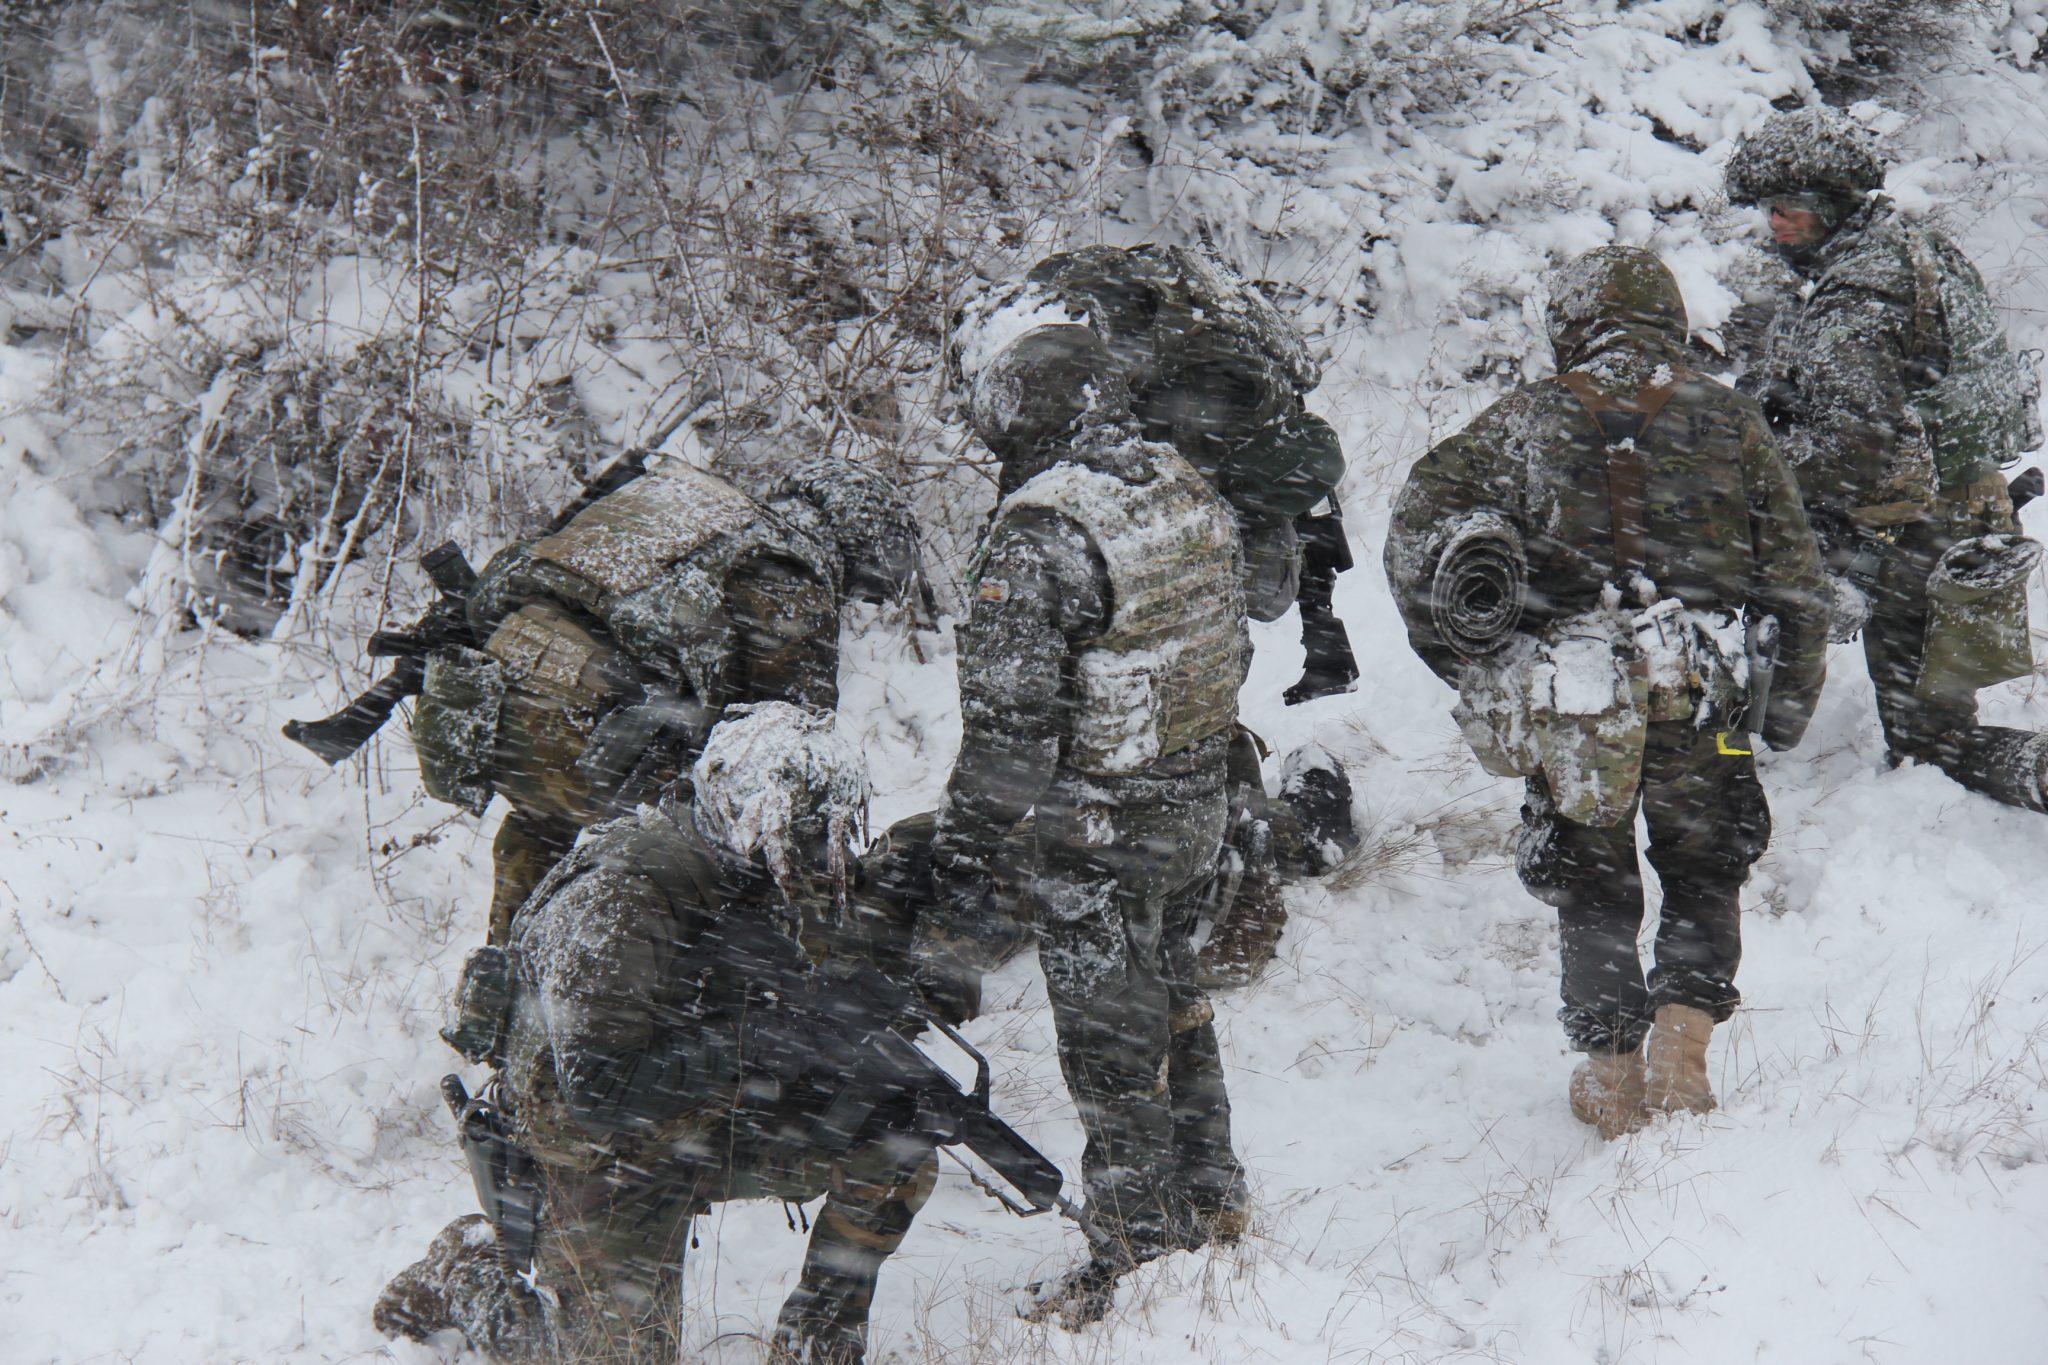 Curso de mandos de Operaciones Especiales de la EMMOE, en Jaca